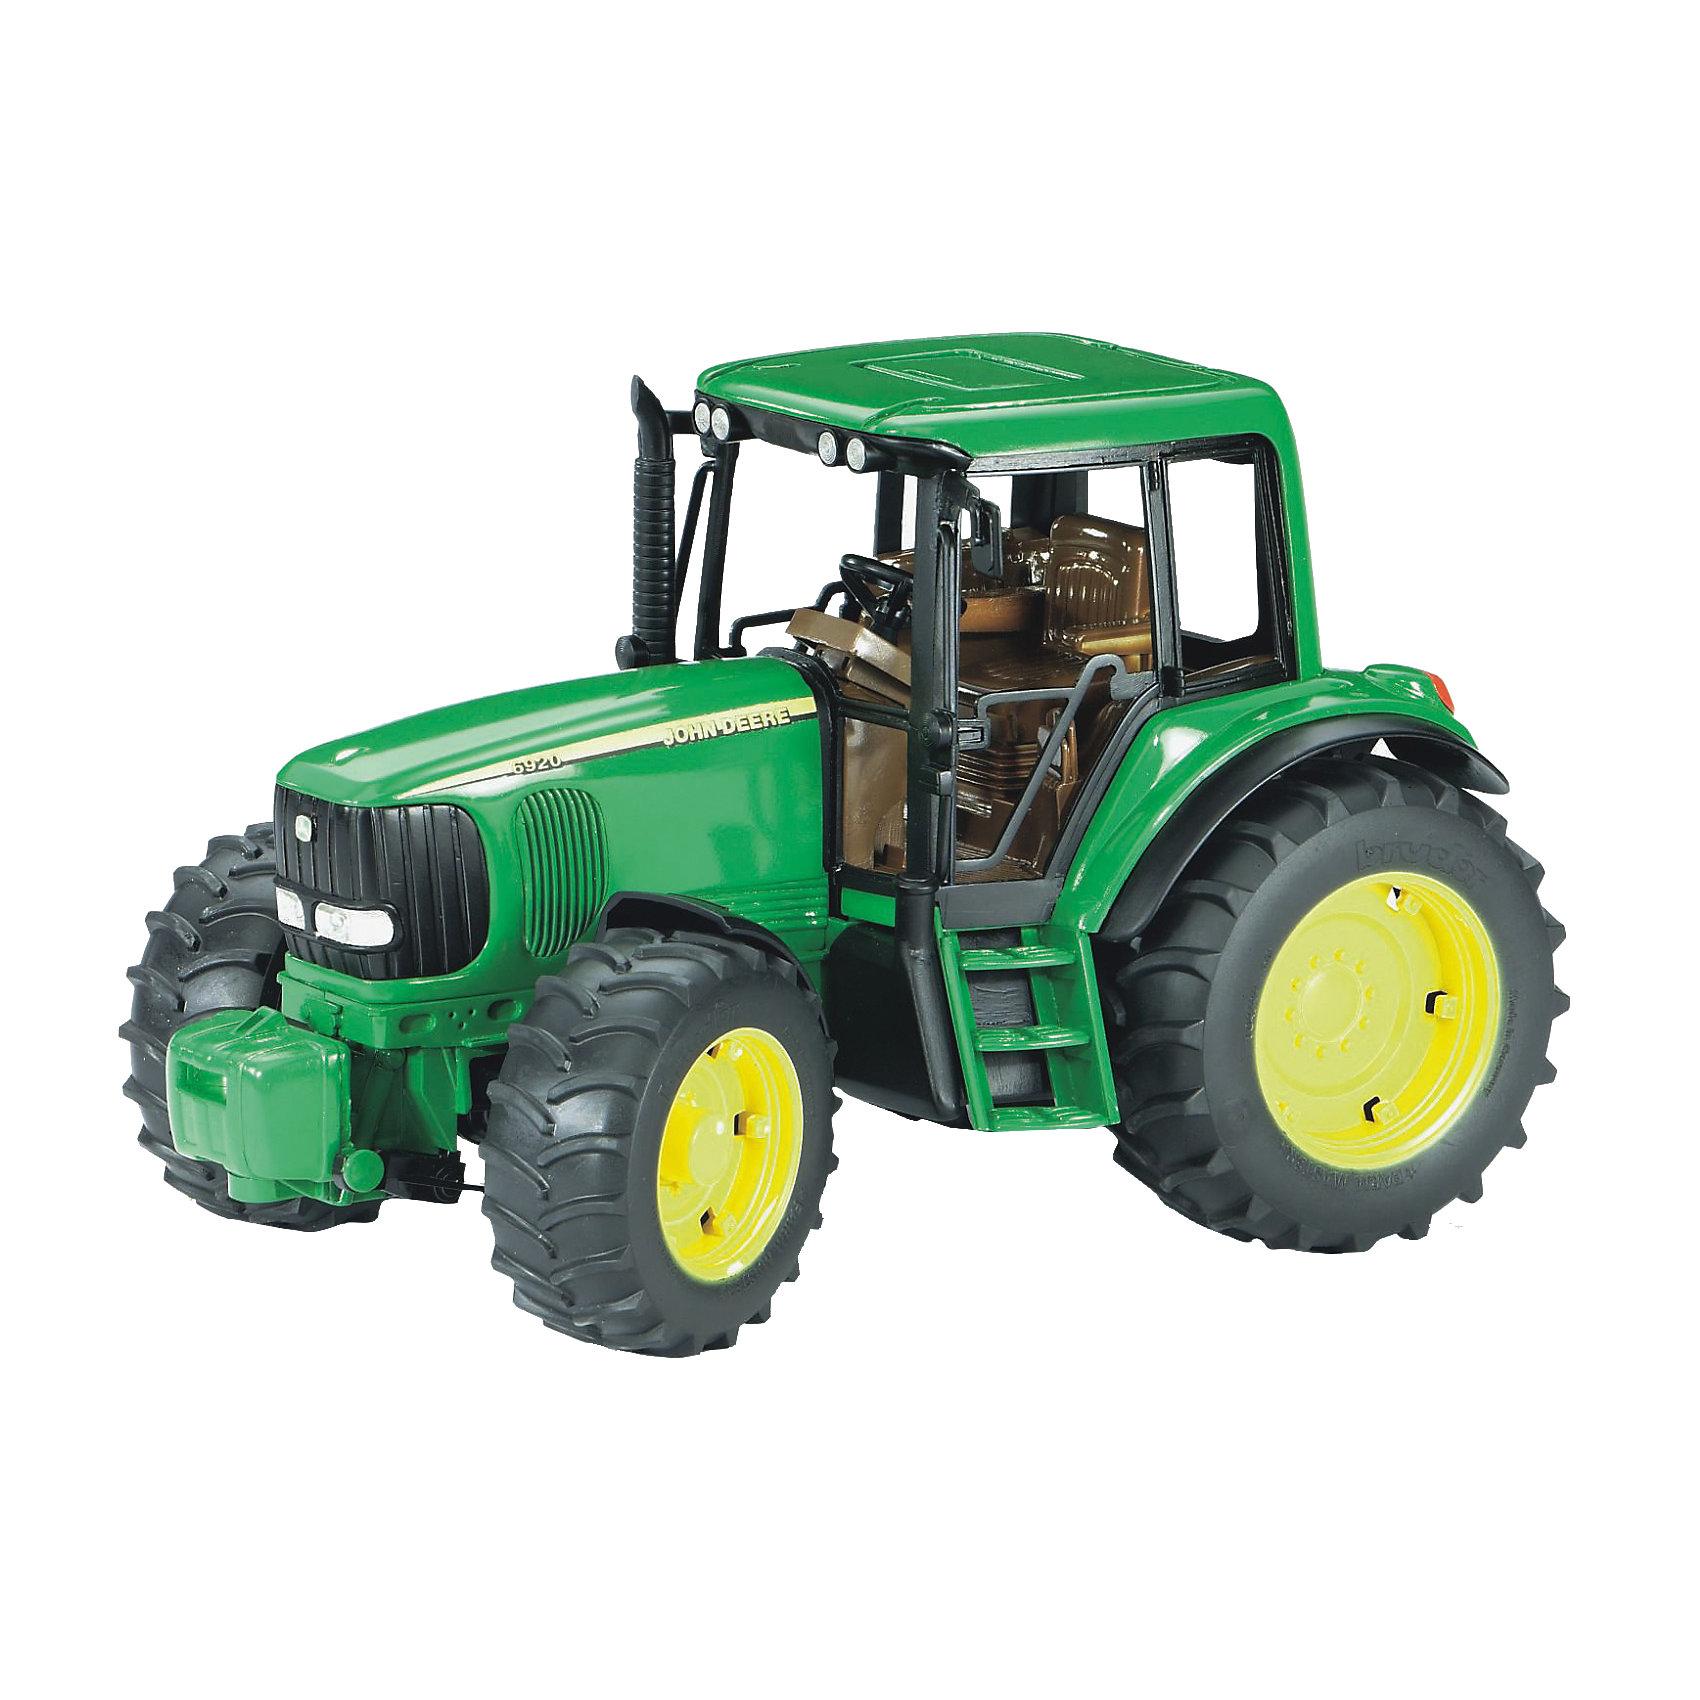 Bruder Трактор John Deere, Bruder машинки tomy трактор john deere 6830 с двойными колесами и фронтальным погрузчиком